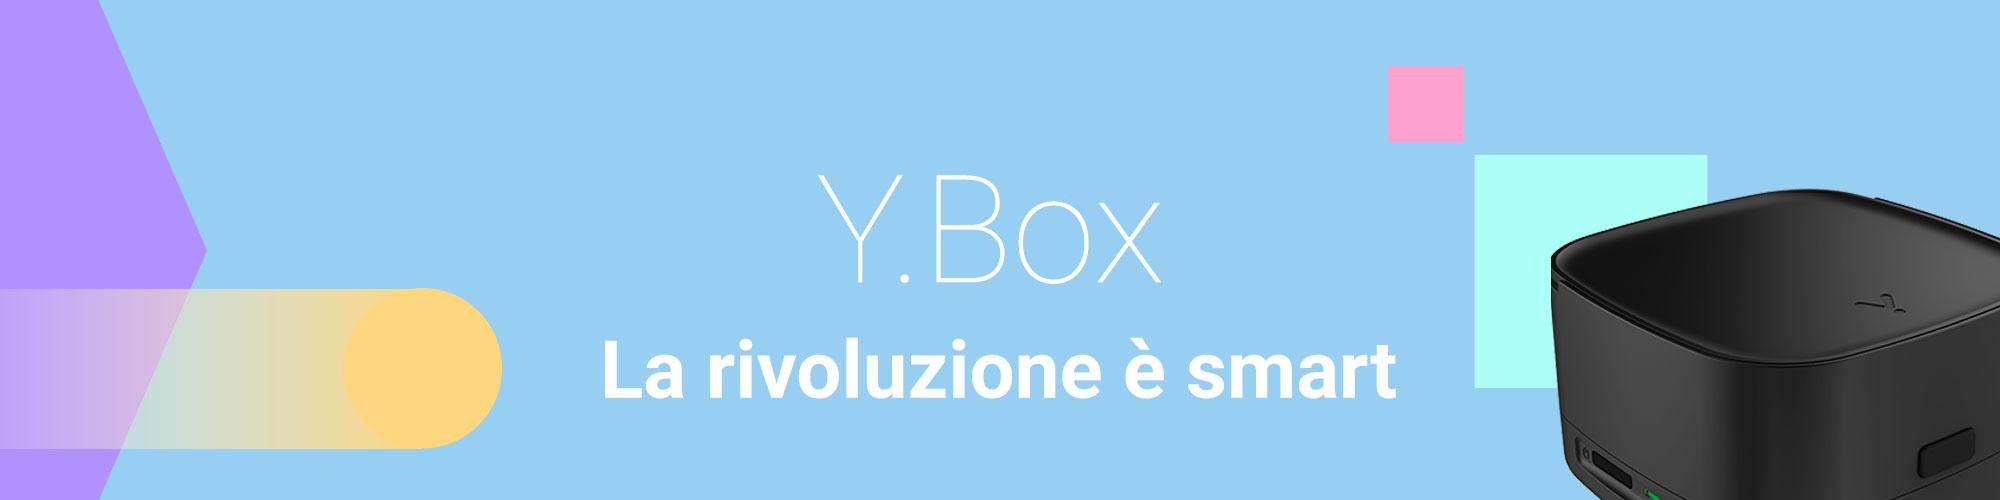 y.box la rivoluzione è smart